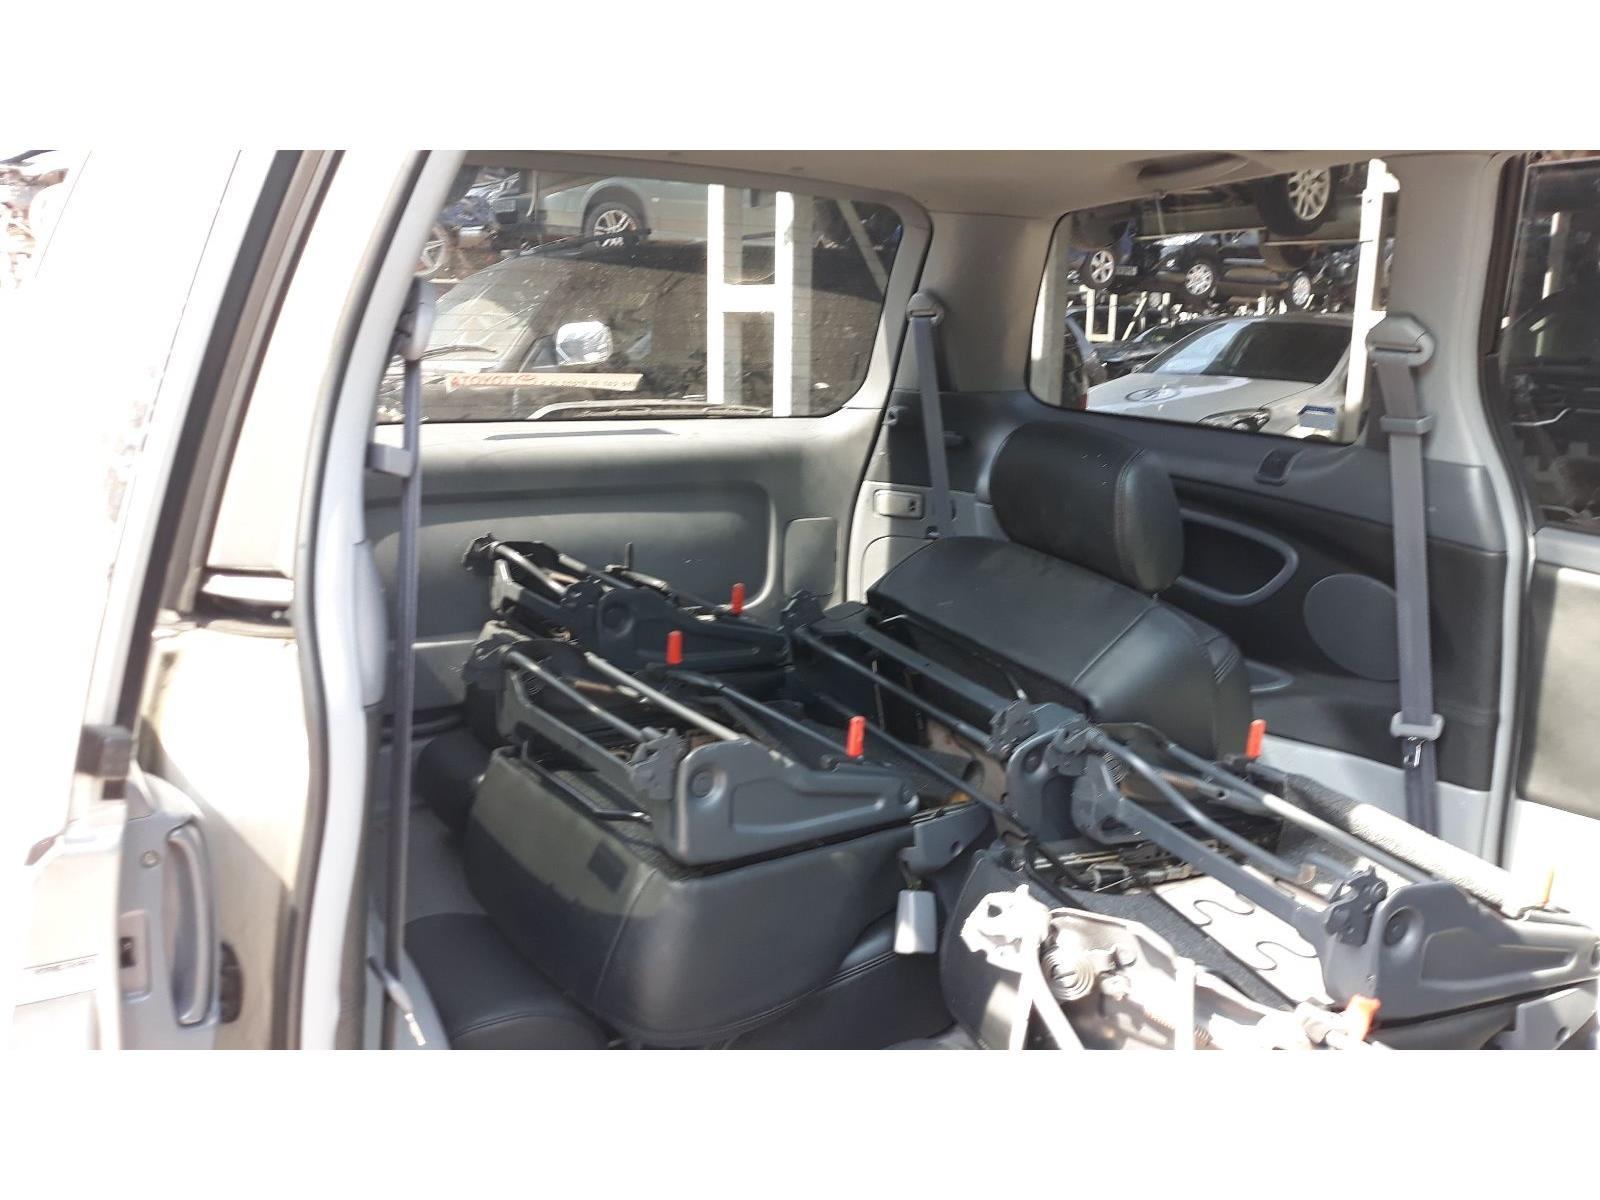 Toyota Previa 2001 To 2006 Cdx Mpv Scrap Salvage Car For Sale Estima Fuse Box Location Year